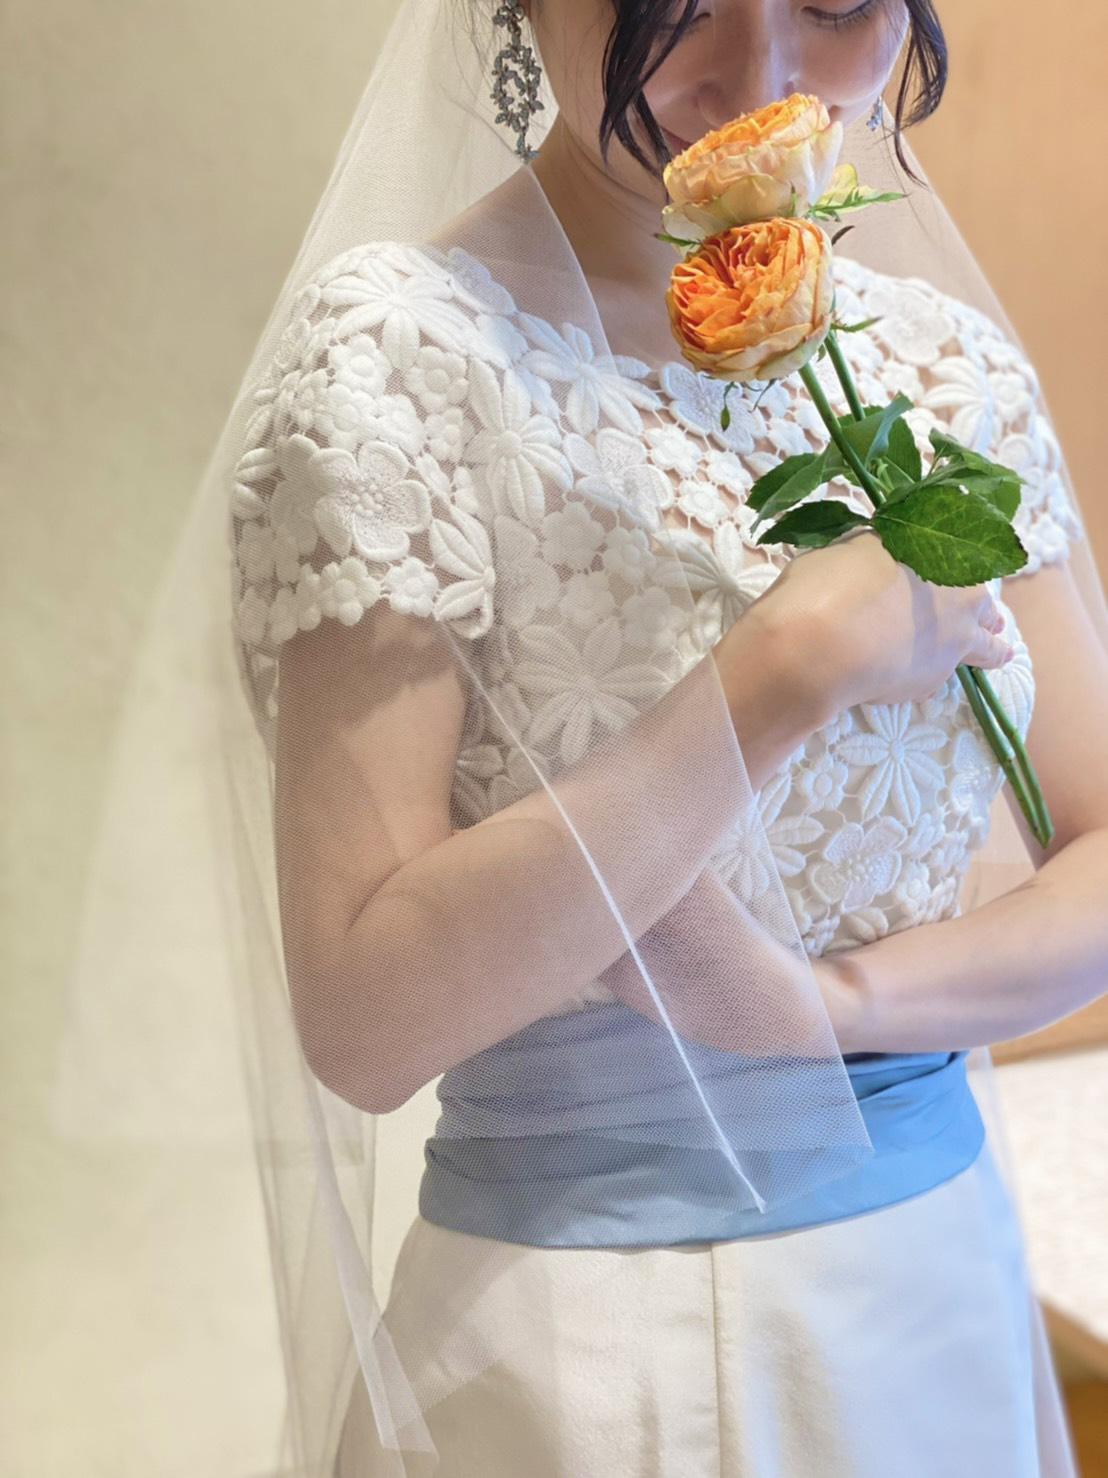 サムシングブルーのコーディネートにおすすめのブルーリボンがあしらわれたウエディングドレス